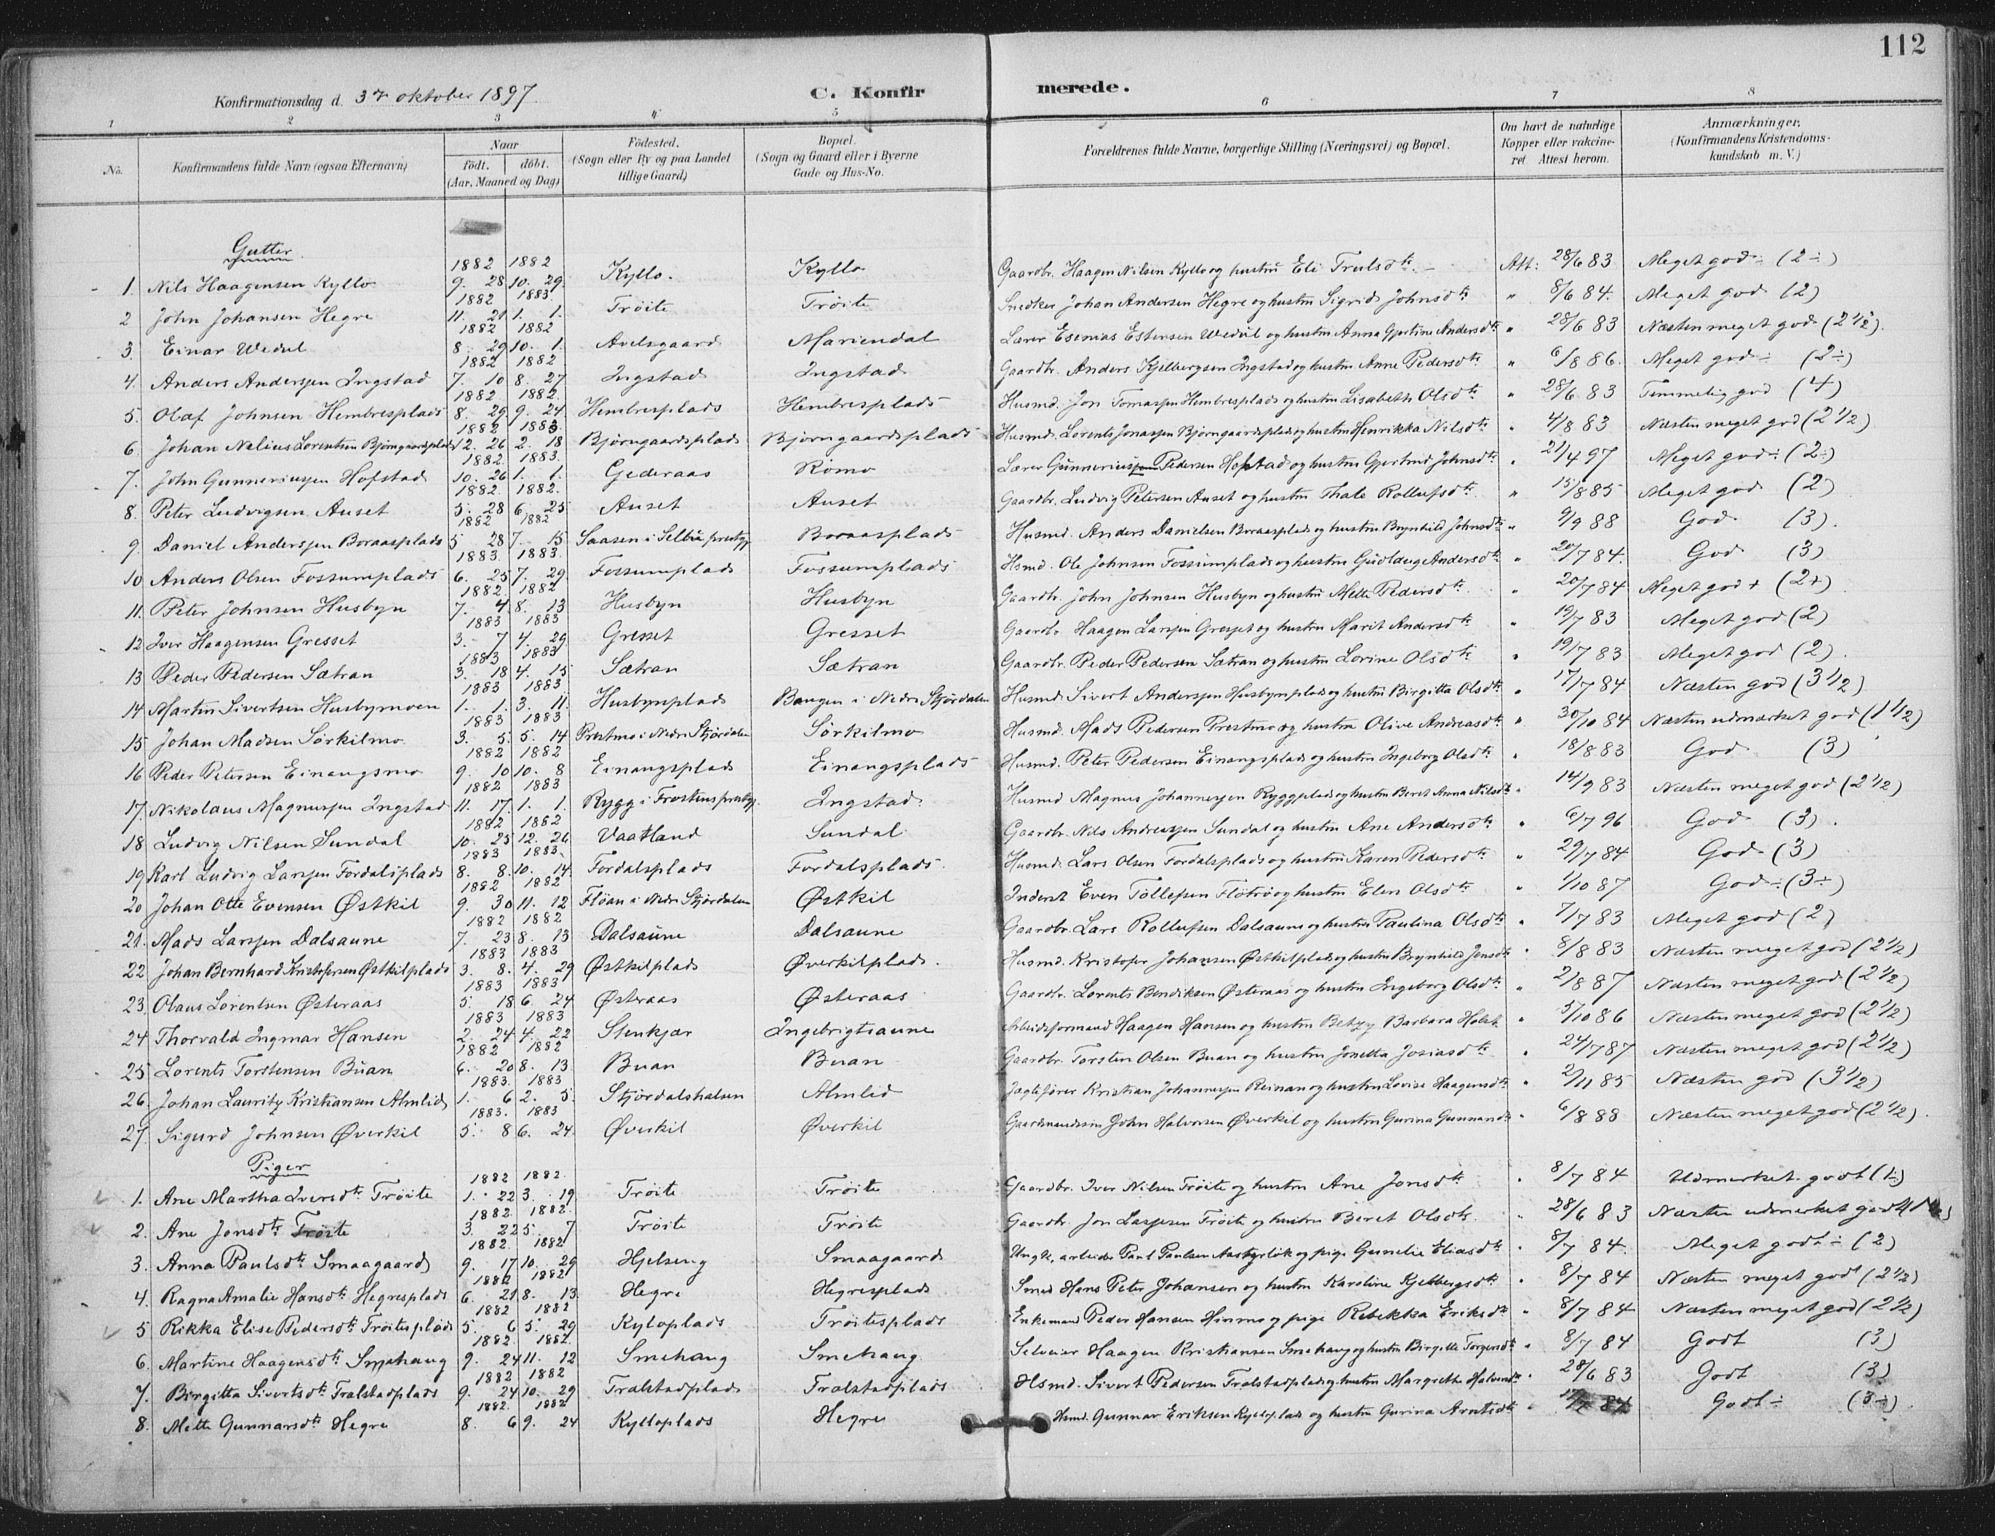 SAT, Ministerialprotokoller, klokkerbøker og fødselsregistre - Nord-Trøndelag, 703/L0031: Ministerialbok nr. 703A04, 1893-1914, s. 112